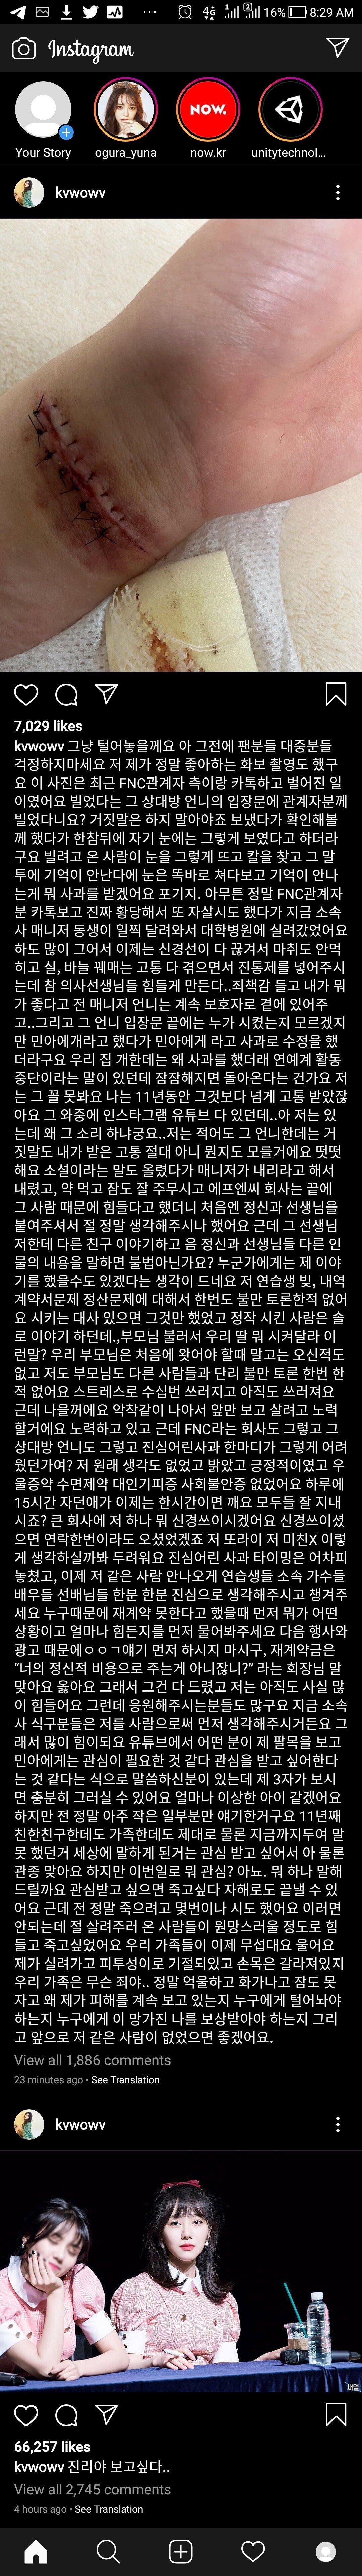 혐) Aoa 전맴버 민아 인스타그램에 글올라옴. 전문